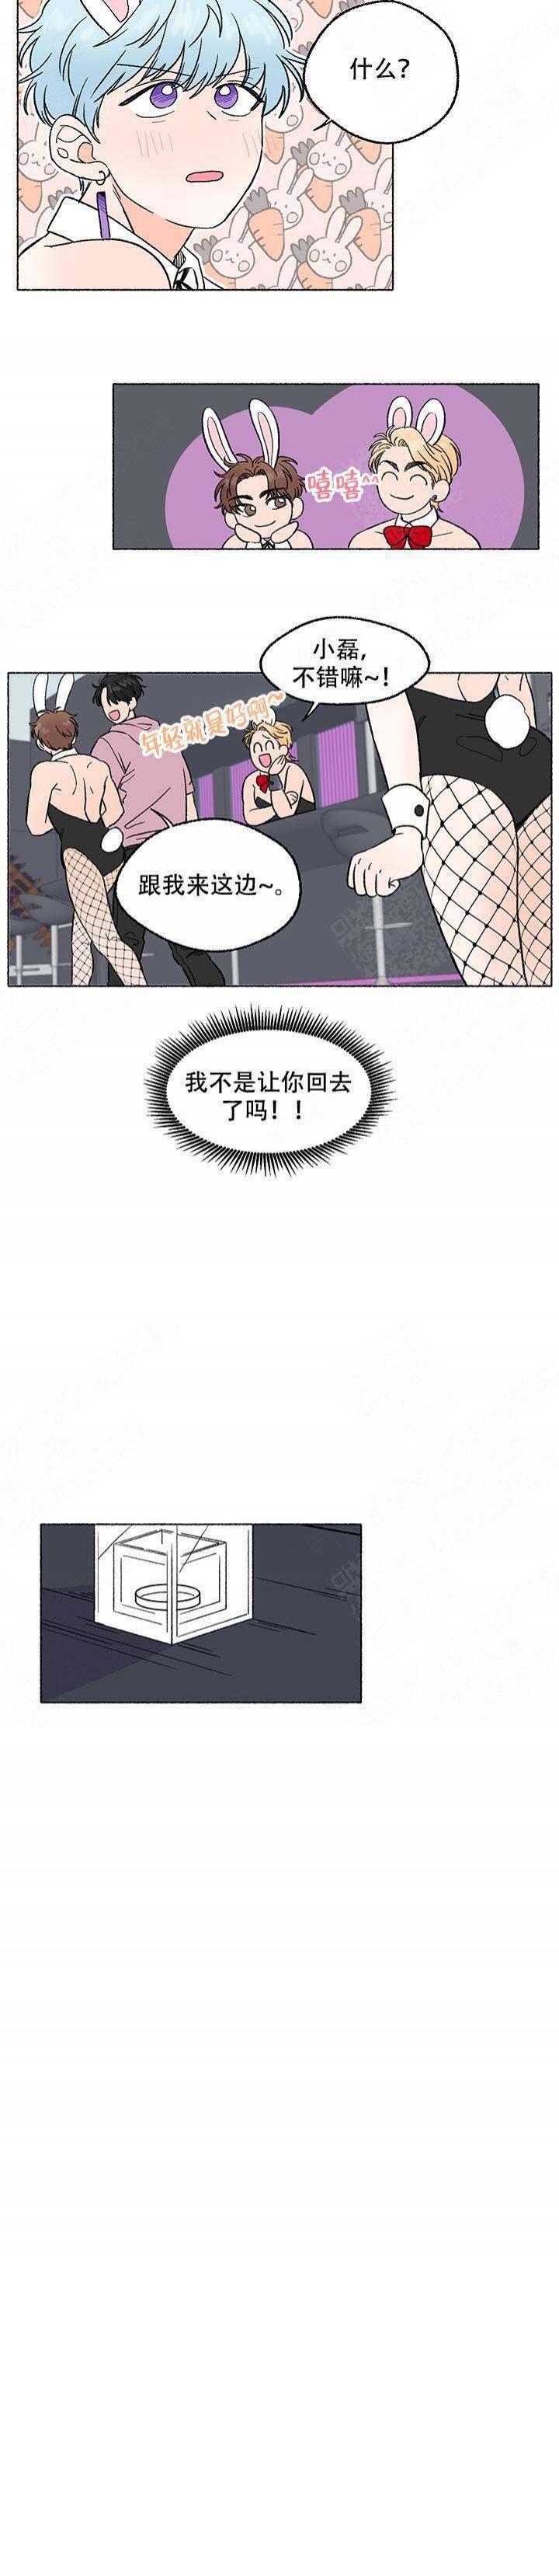 《与磊同行》耽漫更新,第三话免费在线阅读&全本全集链接指路